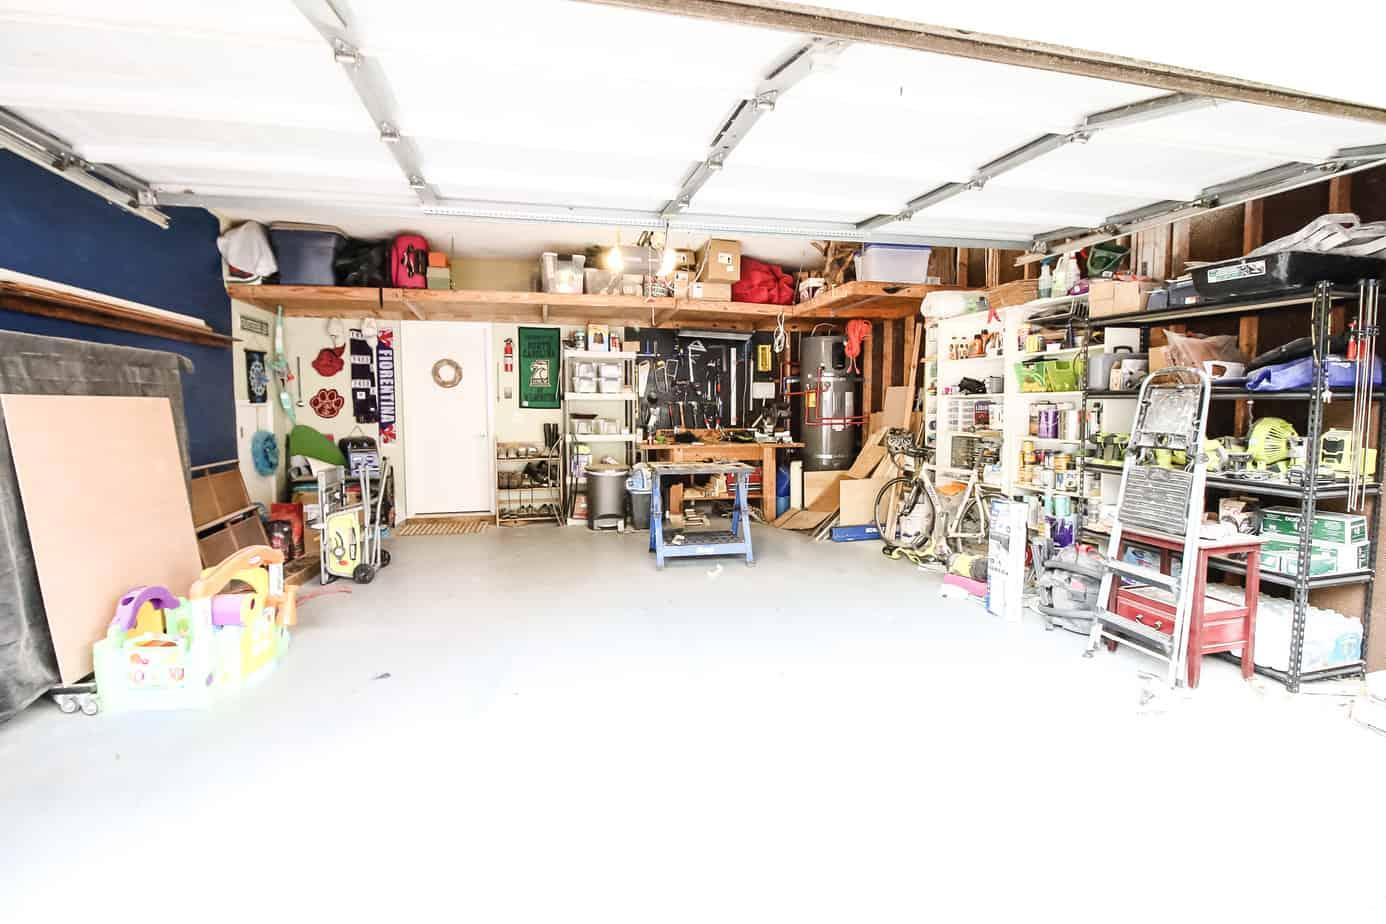 Garage Organization Plan - Charleston Crafted